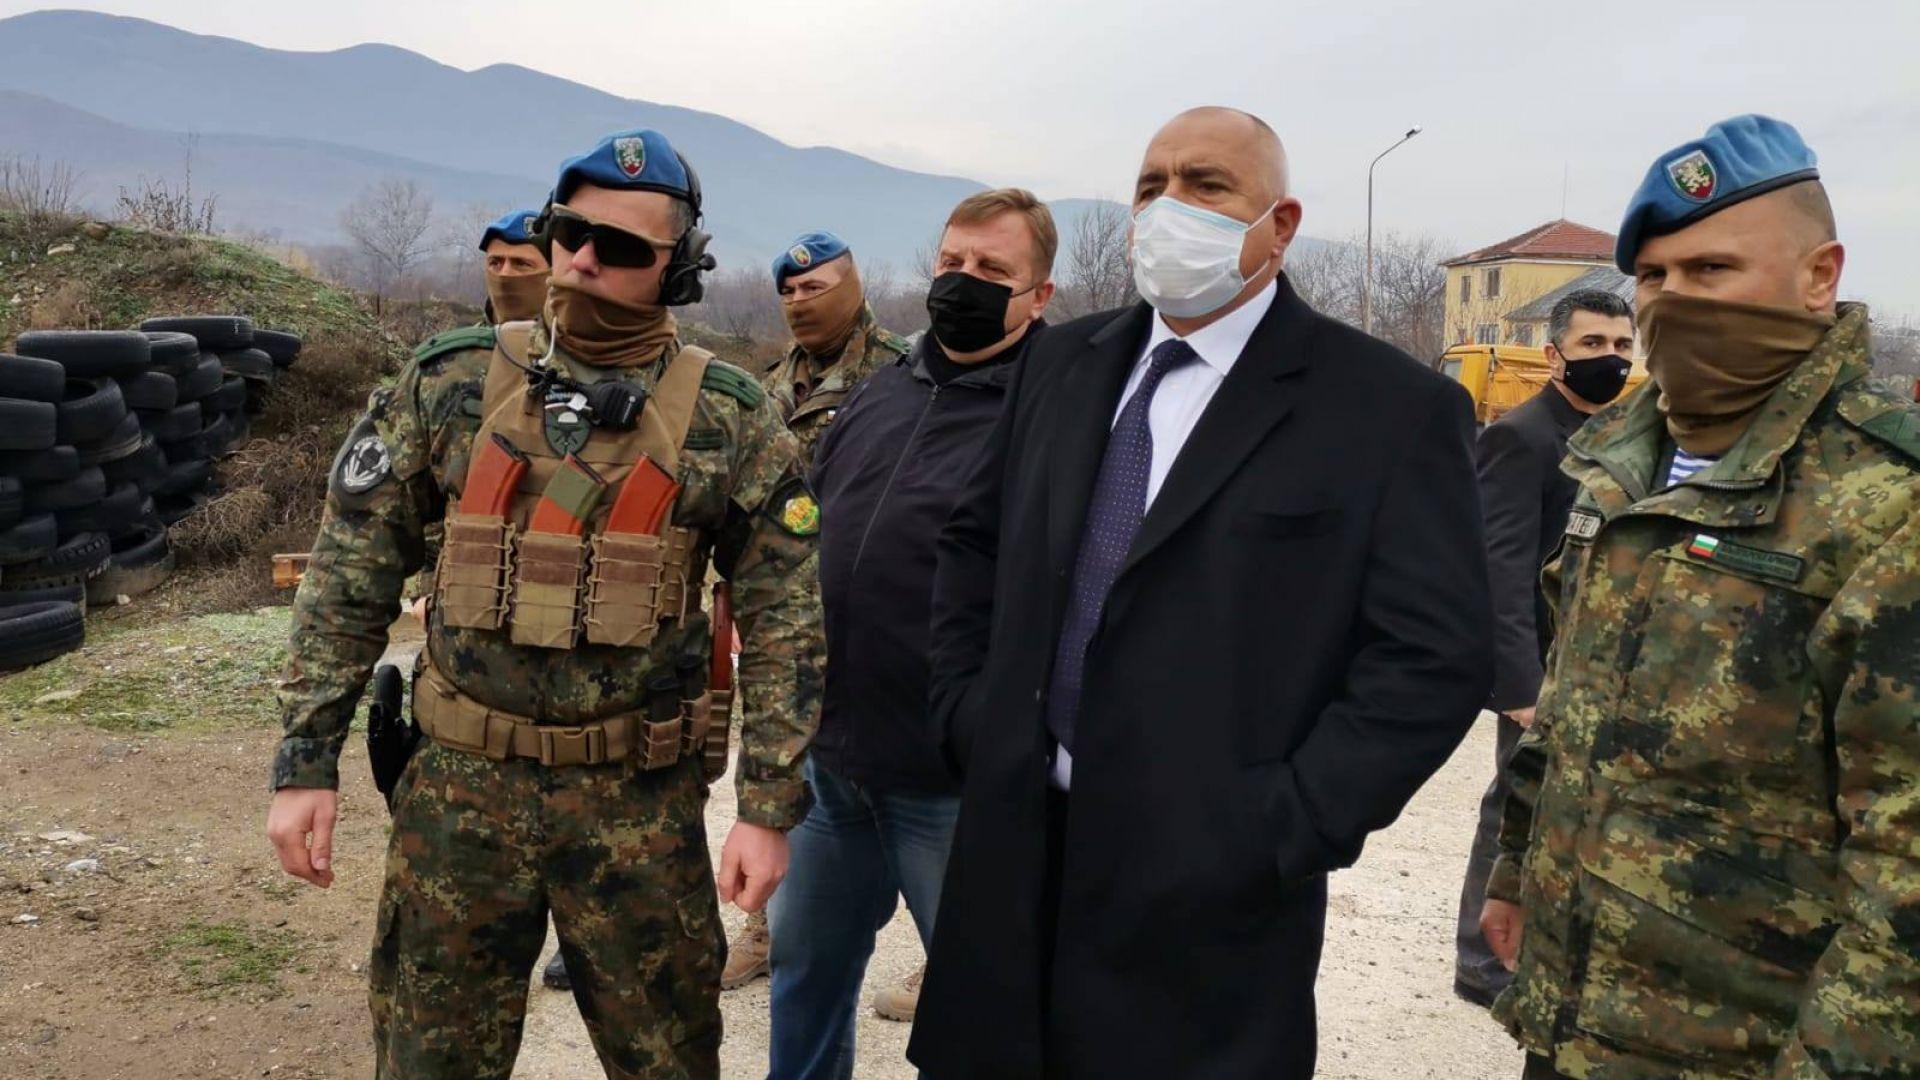 Борисов: В Црънча се изгражда нов комплекс за специалните сили (видео)